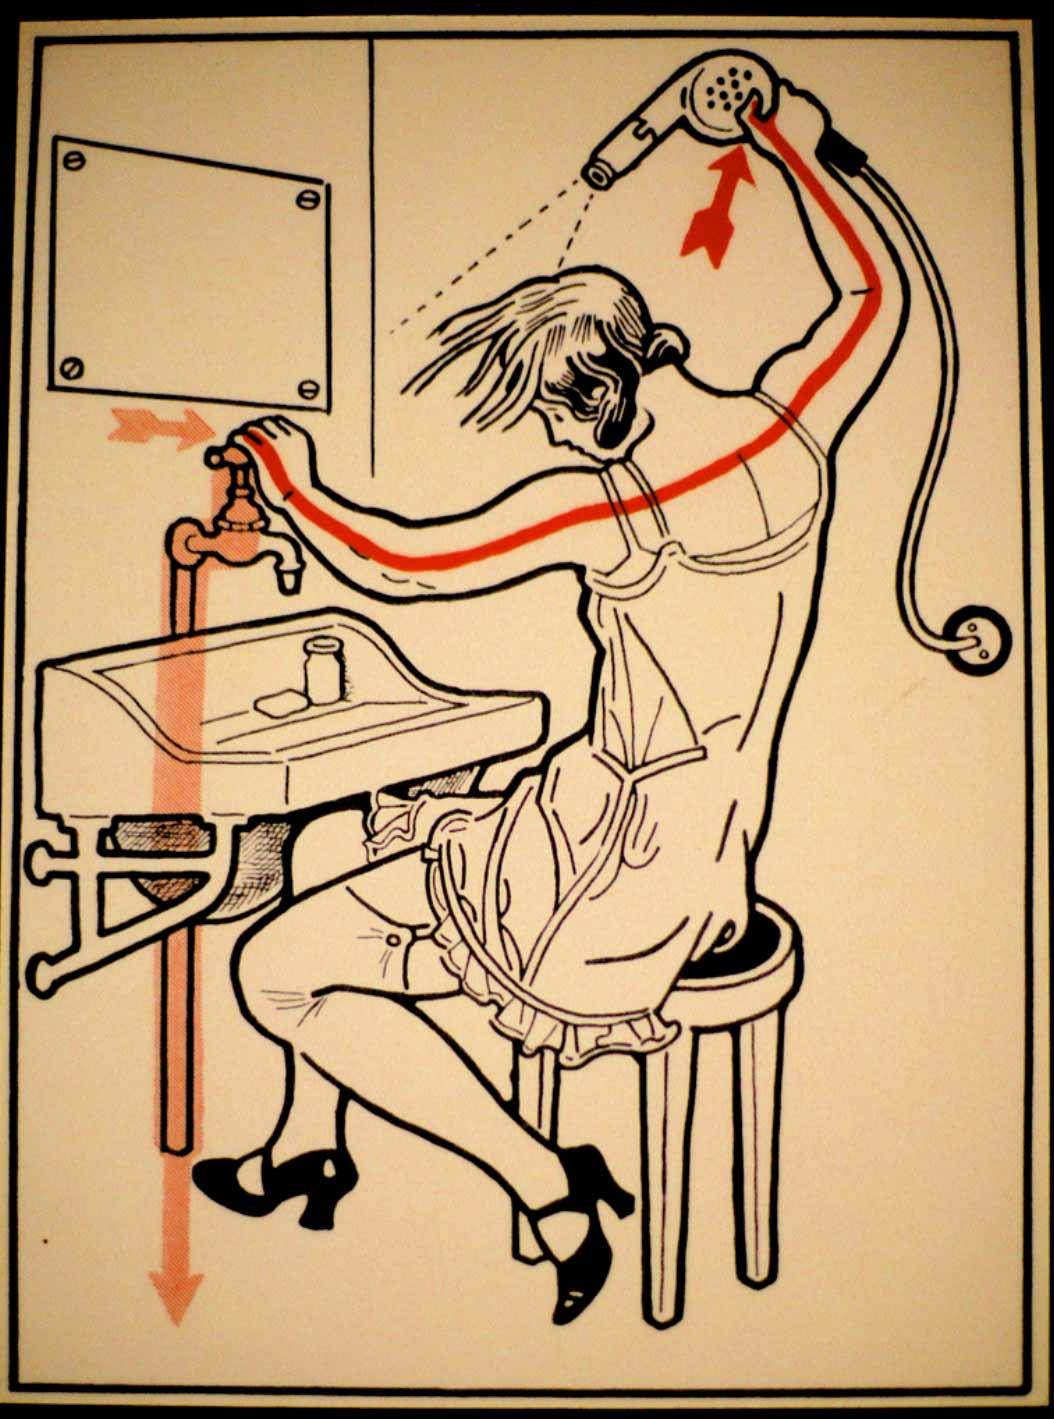 1931 wurde vor skurrilen Arten eines Stromschlages gewarnt Elektroschutz-in-132-Bildern_02